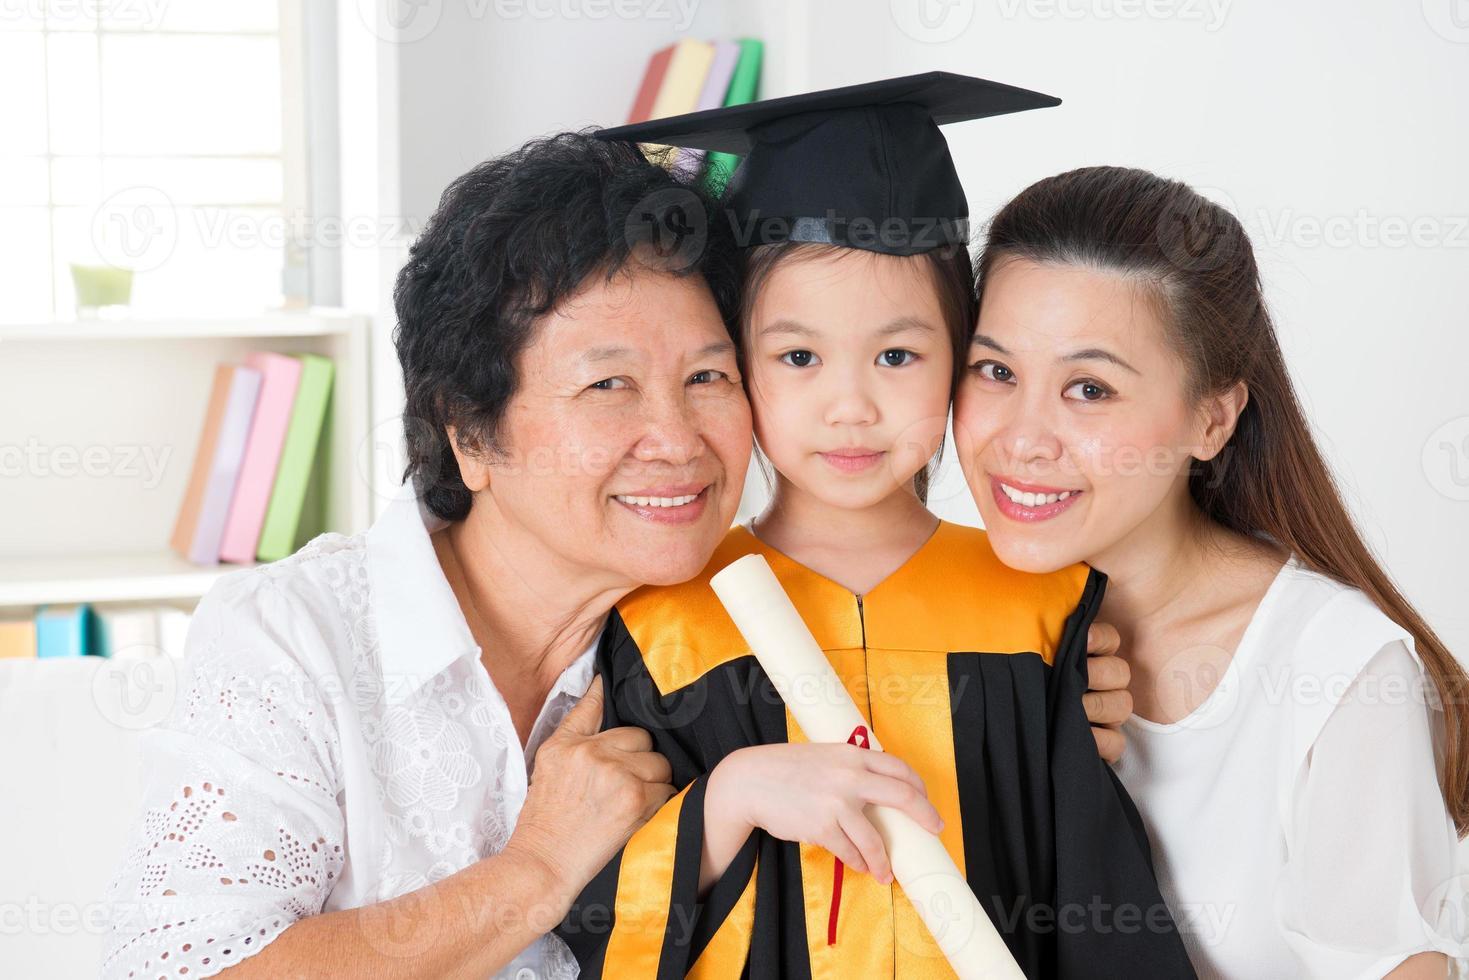 diplômé de la maternelle photo